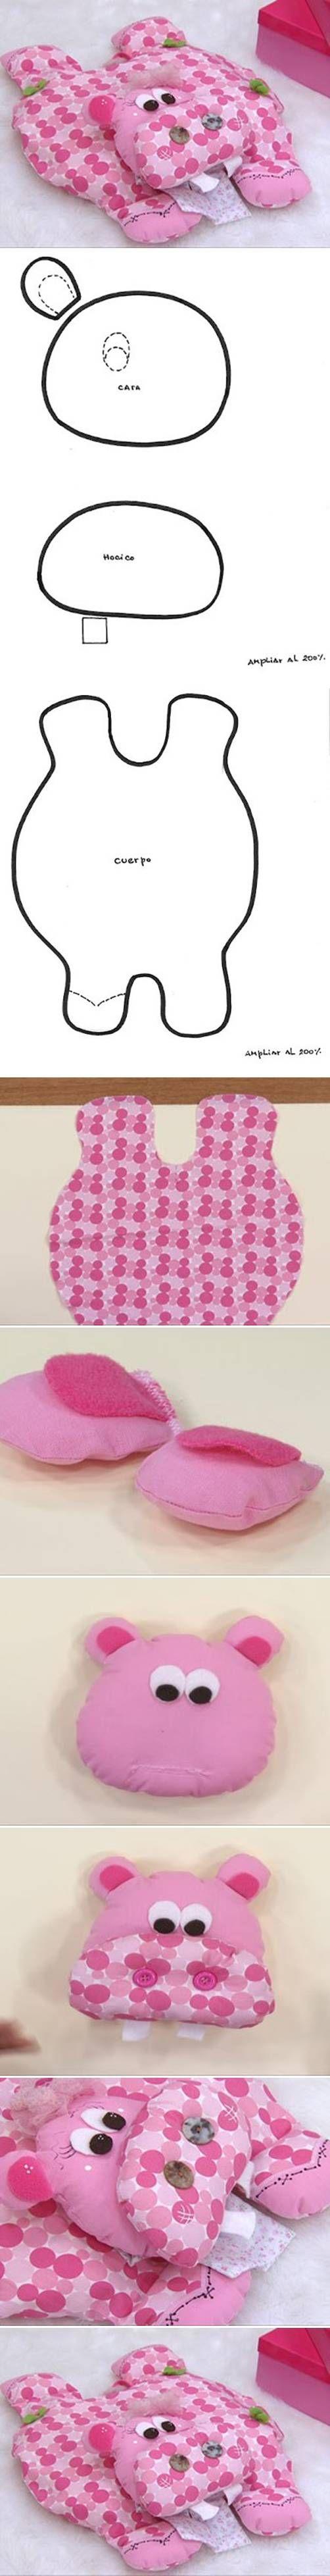 almofada hippo